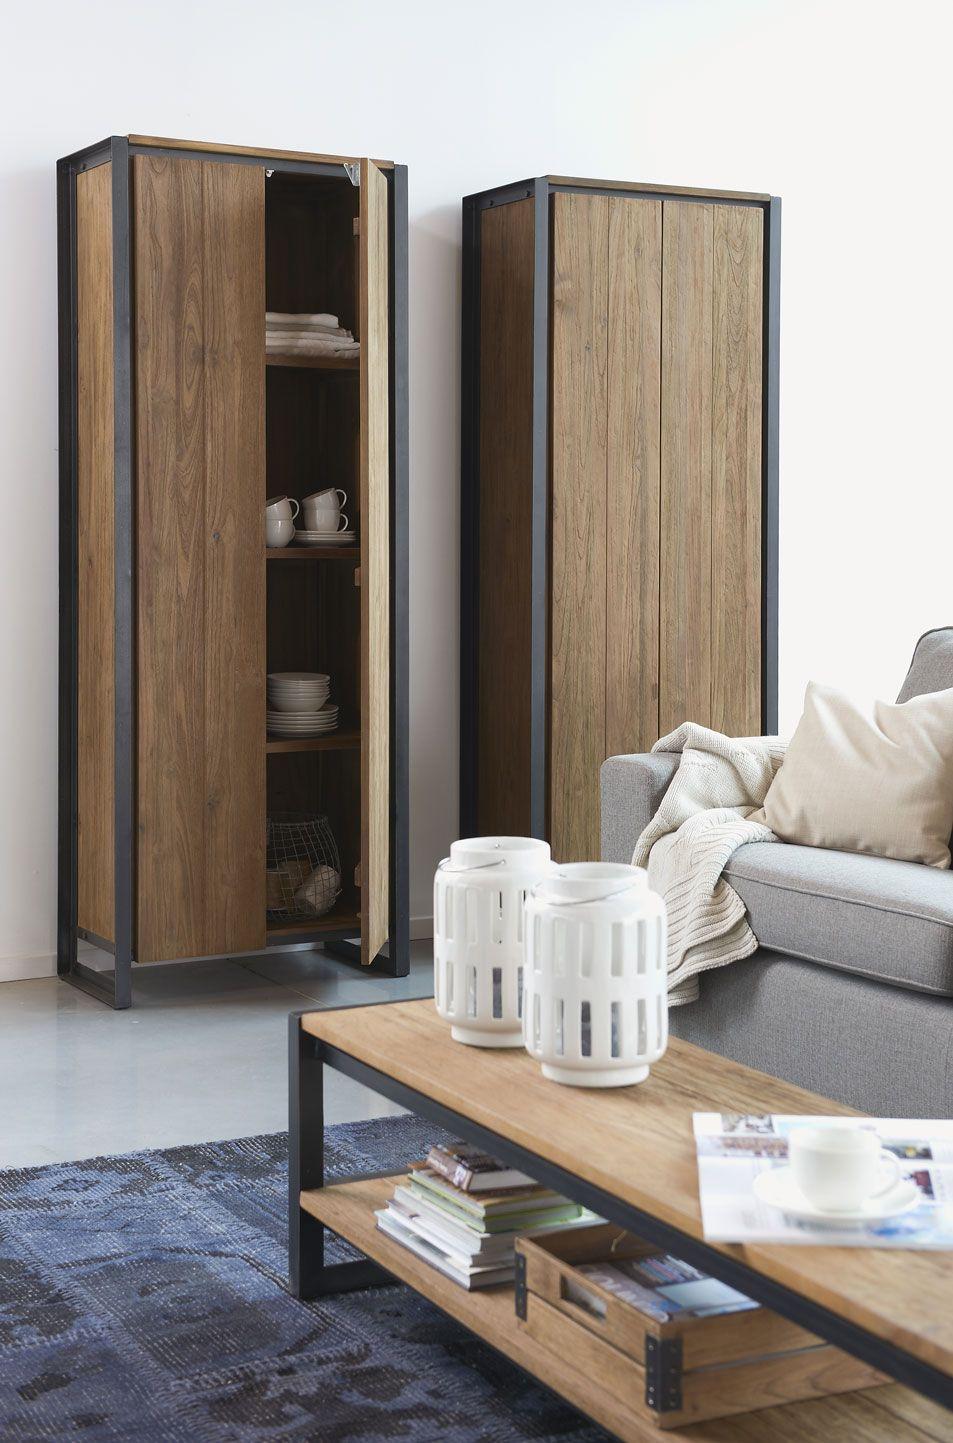 legkastboekenkast of hallkast met leggers meubel in massief gerecycleerd teakhout met doorleefd karakter in combinatie met metaal